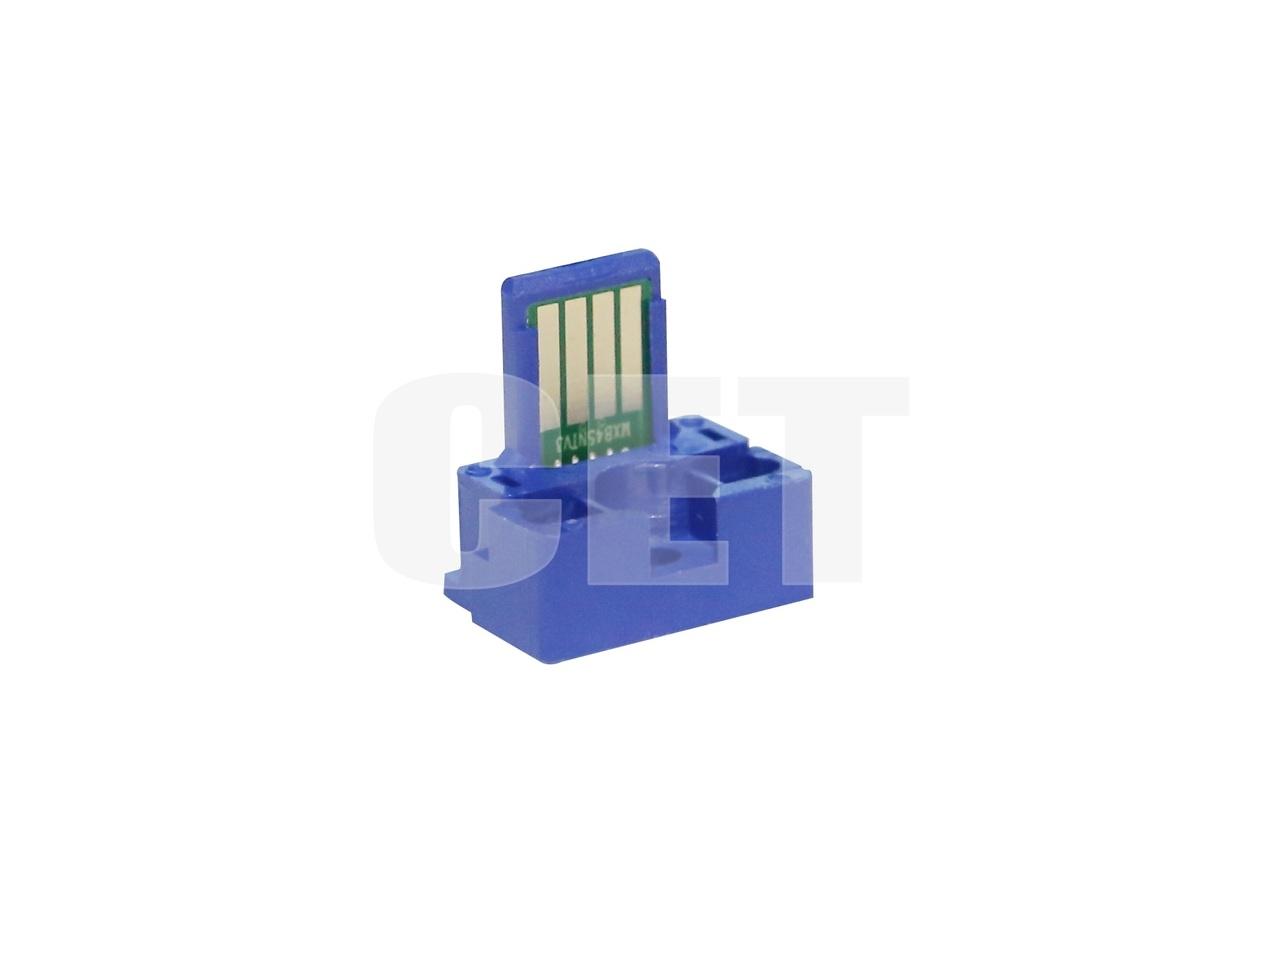 Чип картриджа MX-B45GT для SHARPMX-B350P/355W/376W/450P/455W/476W (CET), 30000 стр.,CET381092